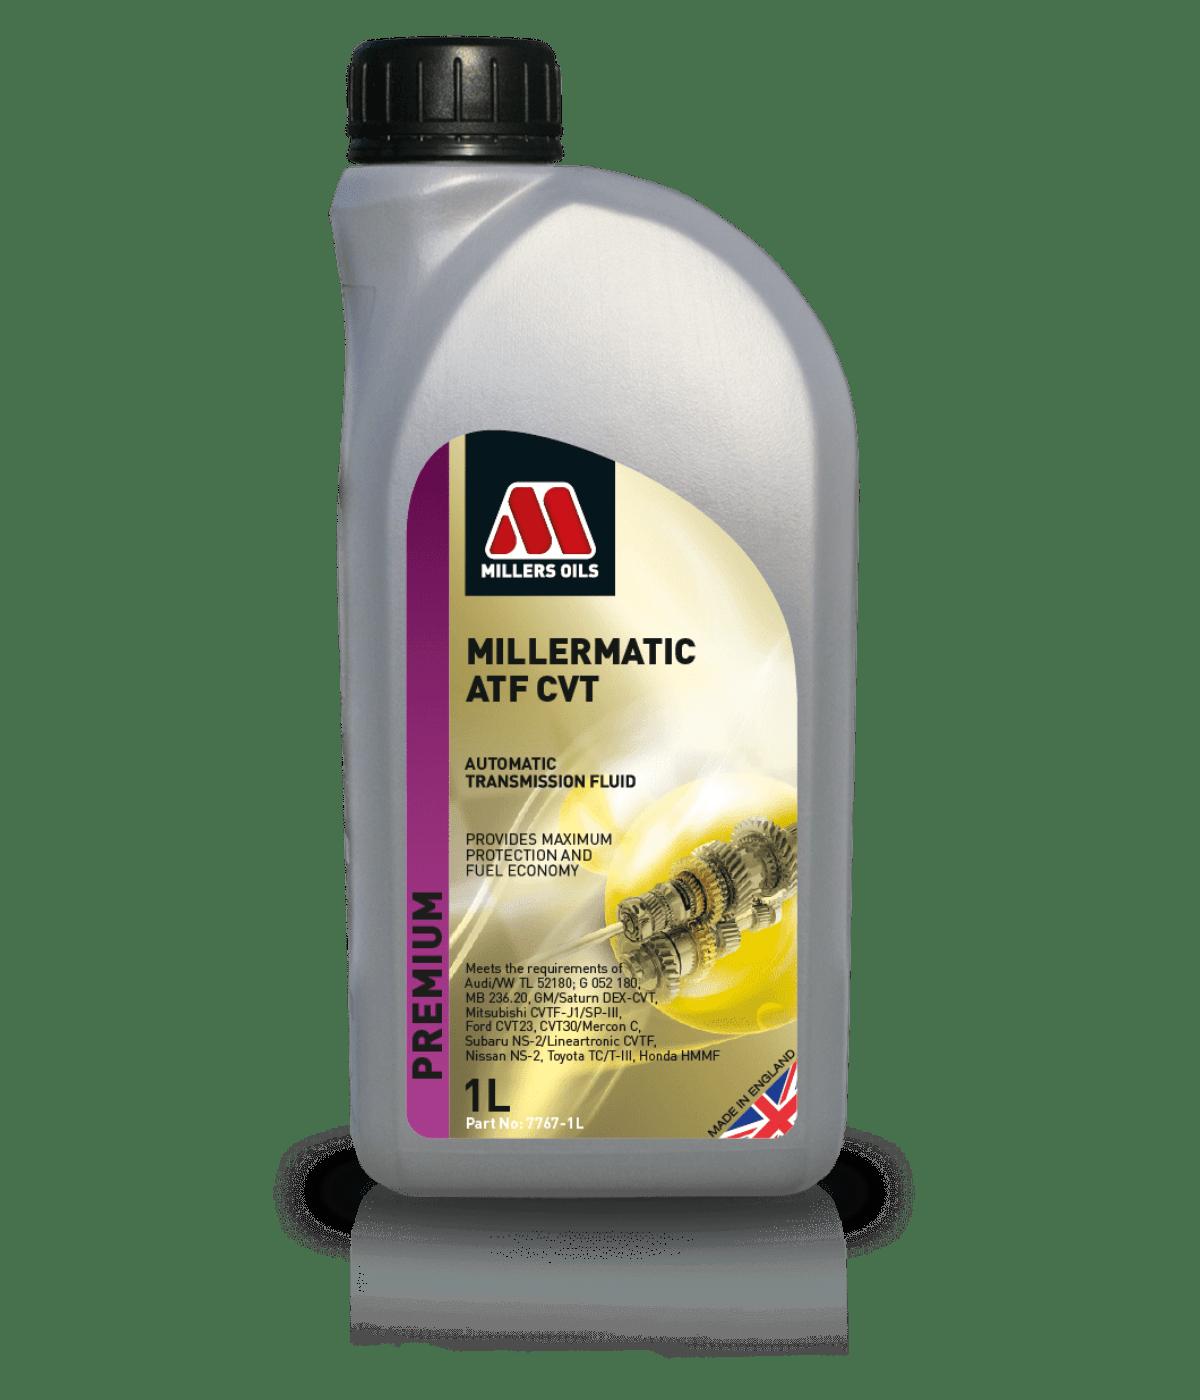 P14233 - Millermatic ATF CVT 7767-1L-01